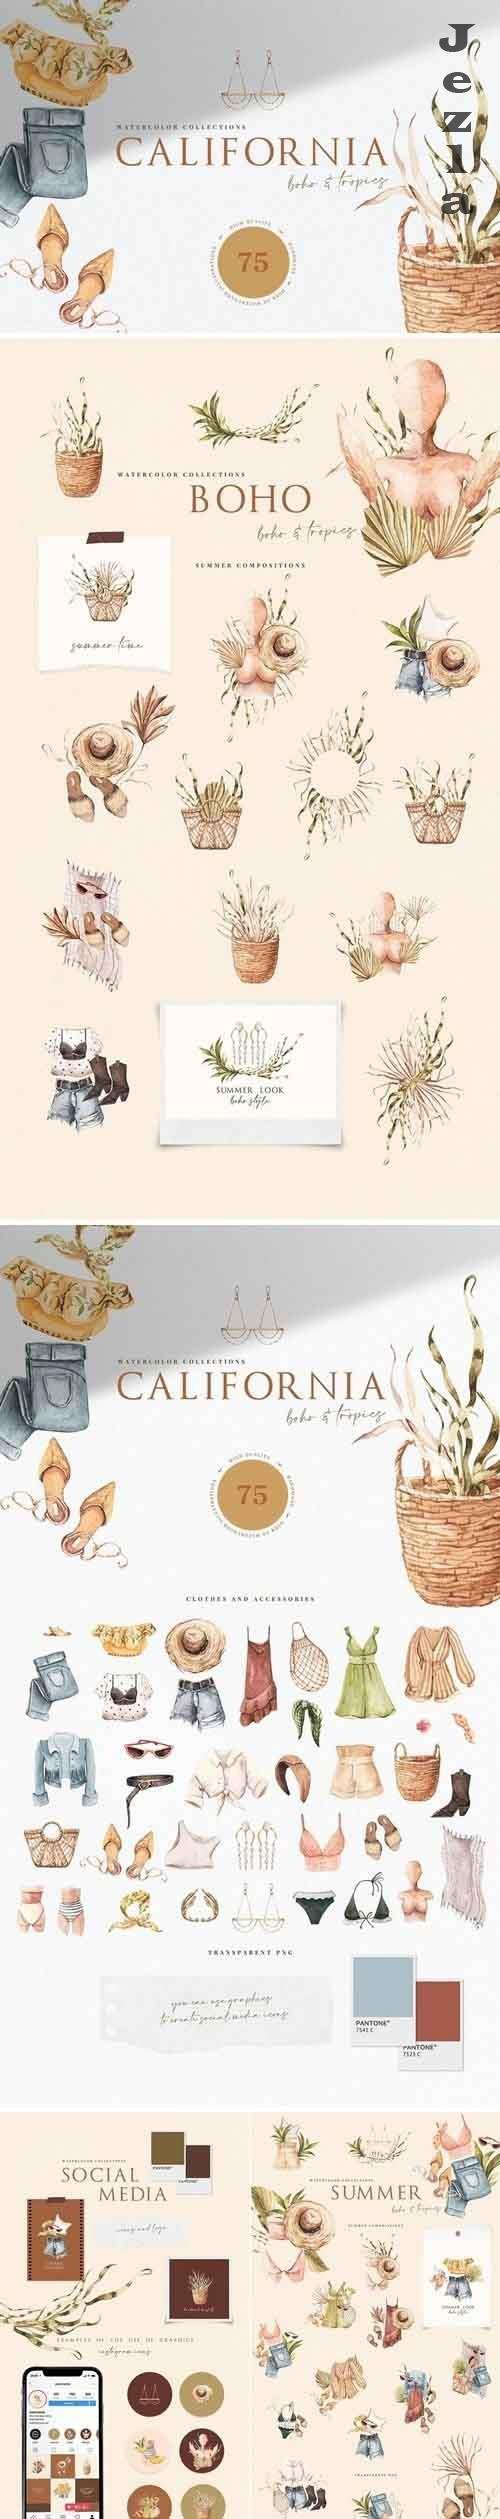 California. Boho Outfit & More - 5556339